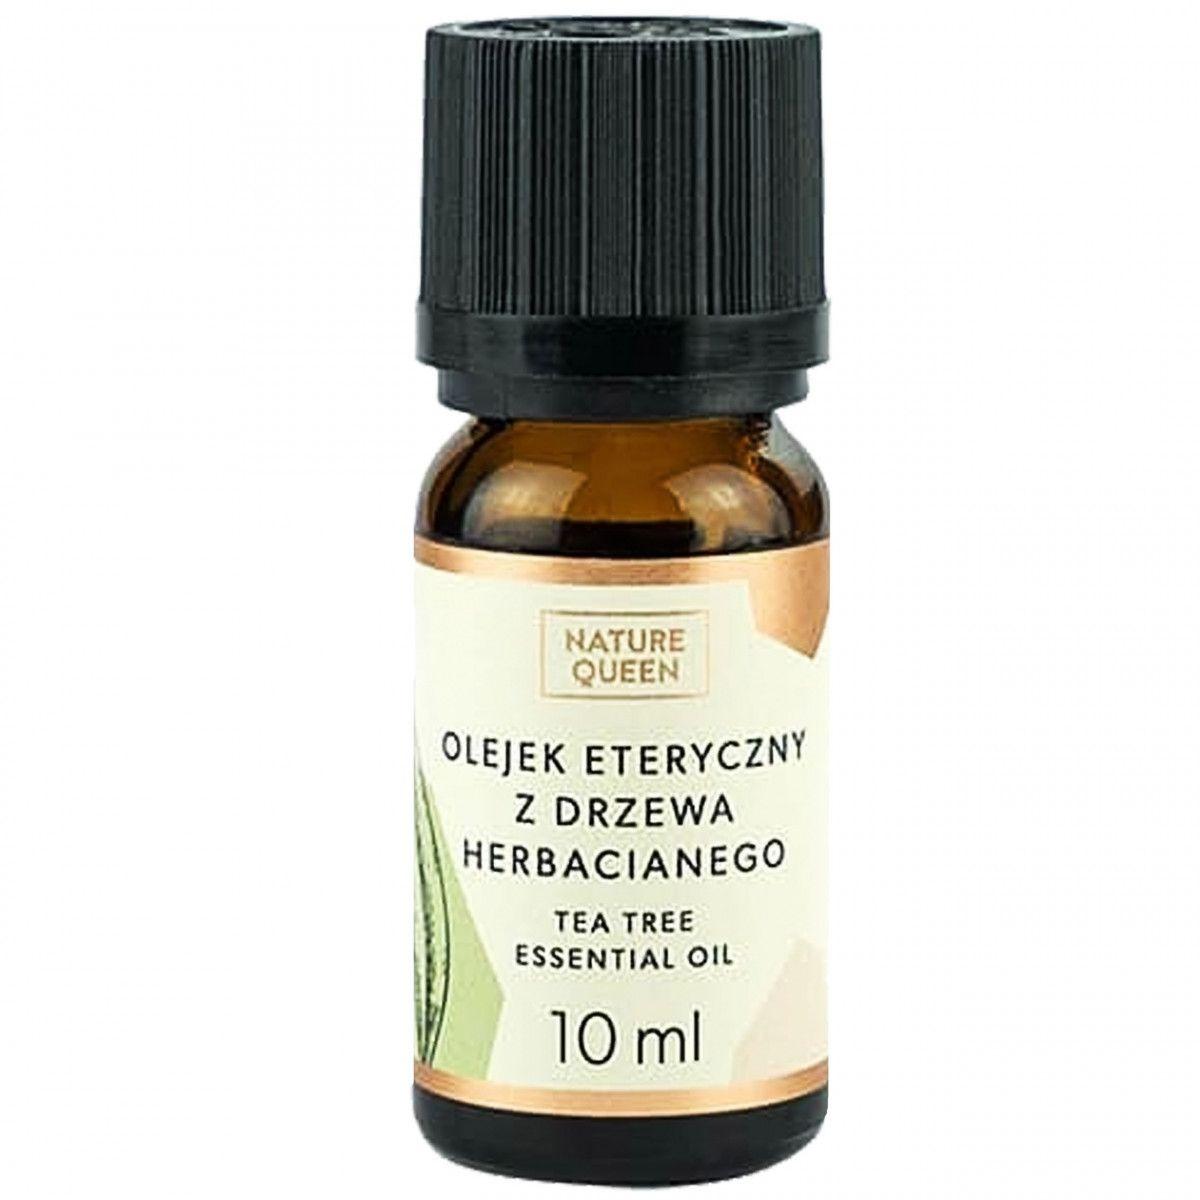 Nature Queen naturalny olejek z drzewa herbacianego, leczy trądzik 10ml